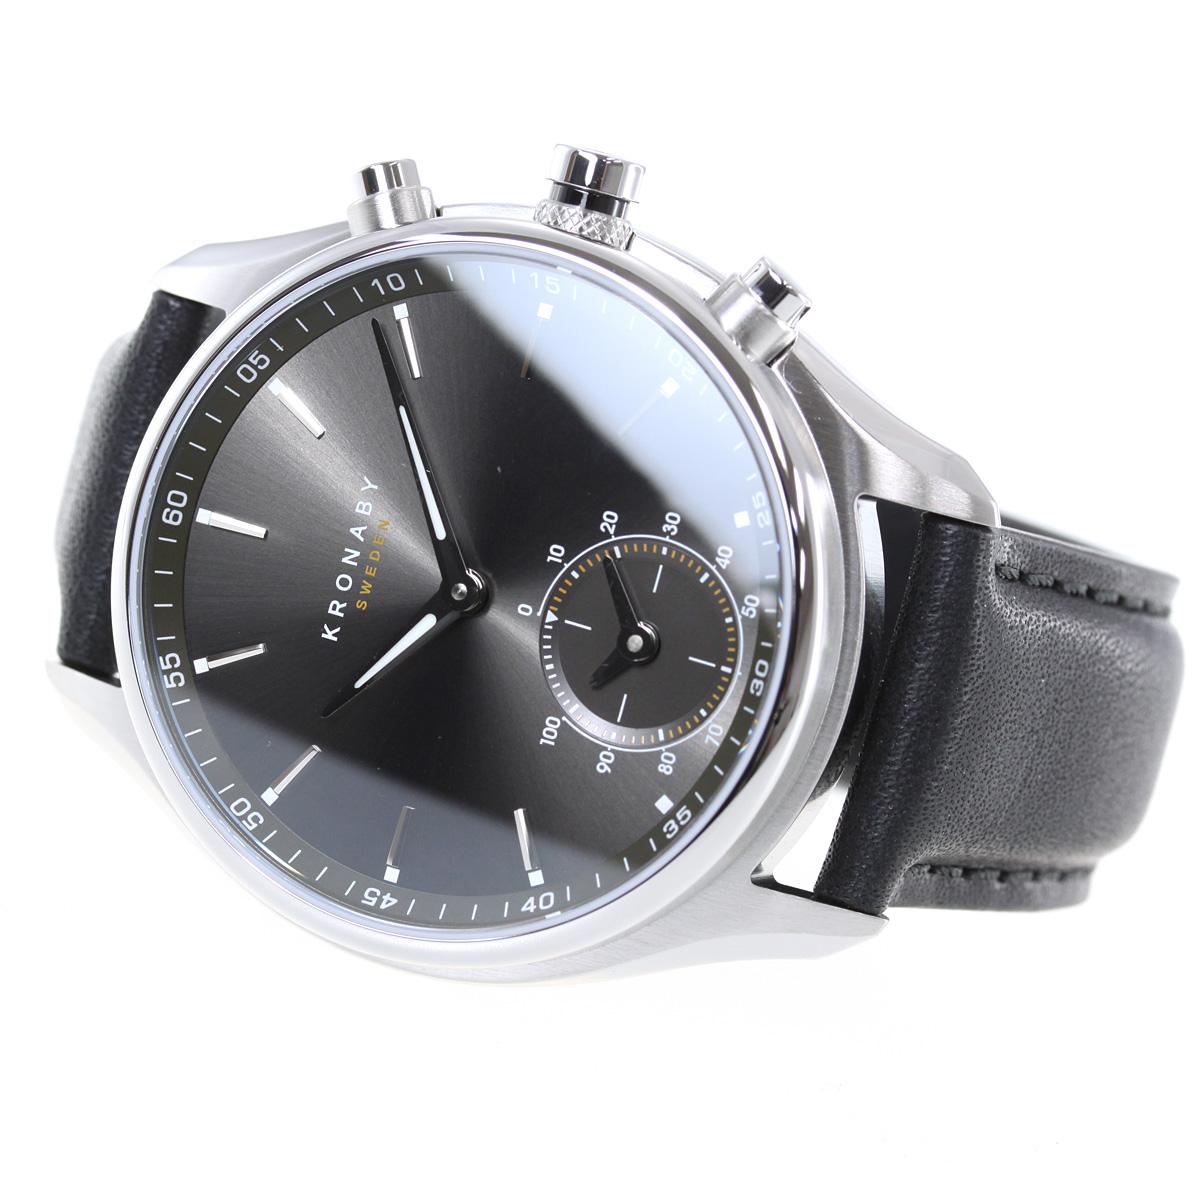 クロナビー KRONABY セーケル SEKEL スマートウォッチ 腕時計 メンズ A1000-1904